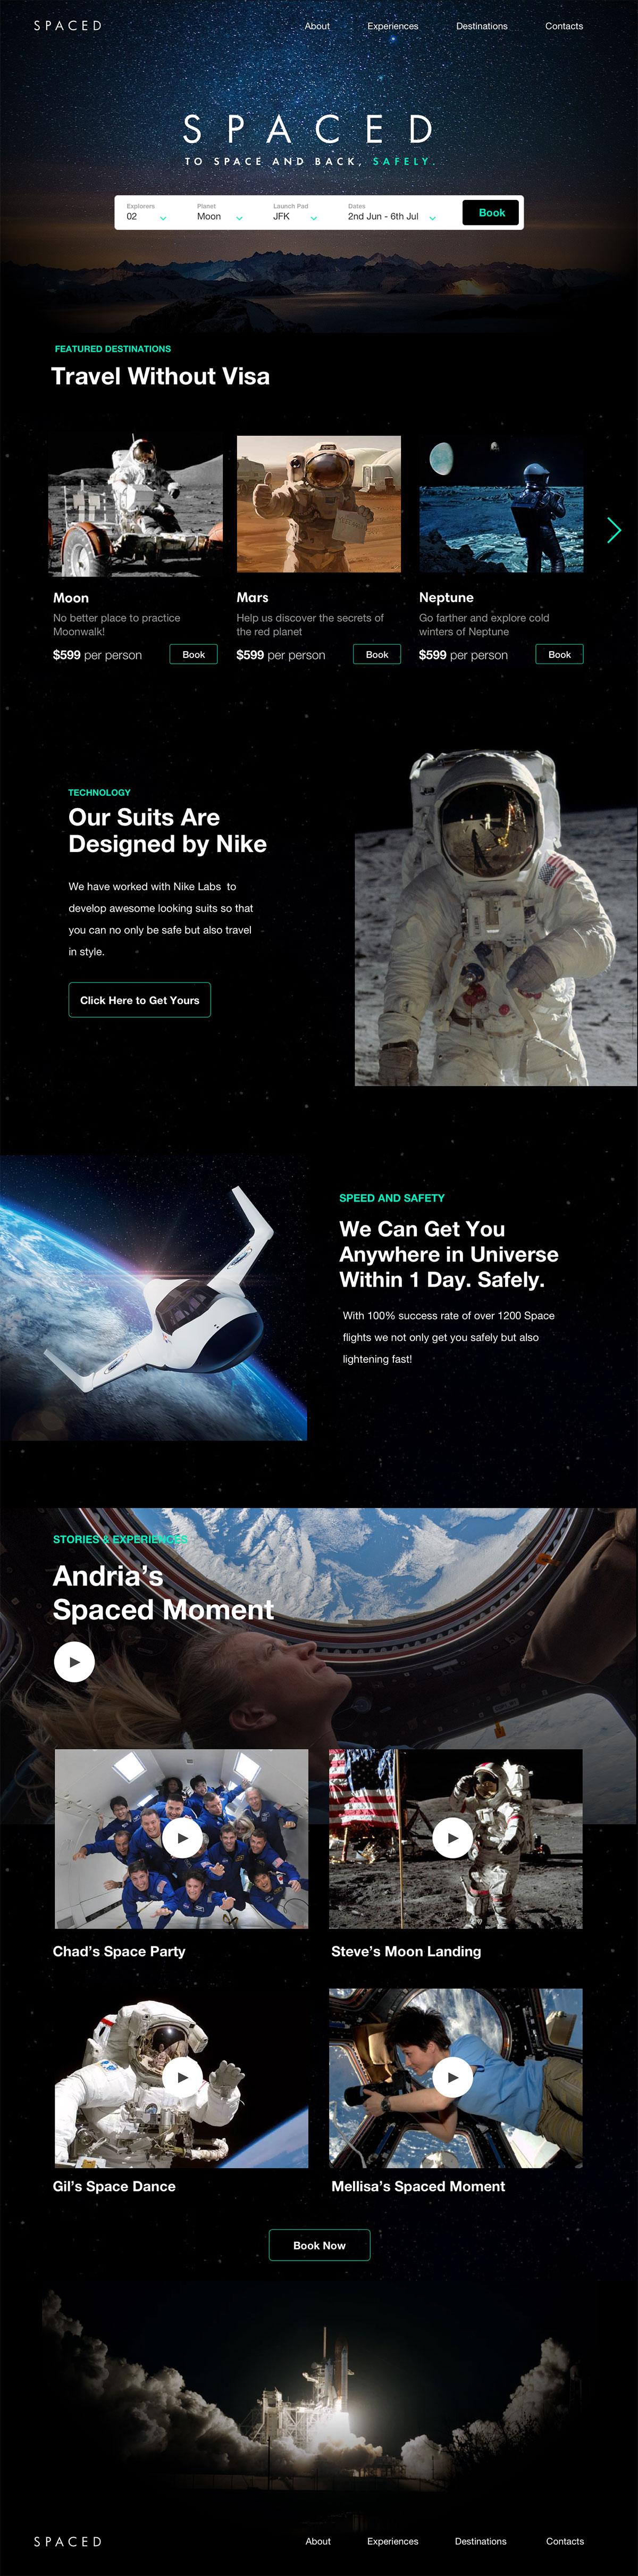 浩瀚宇宙!12款太空主题网页设计